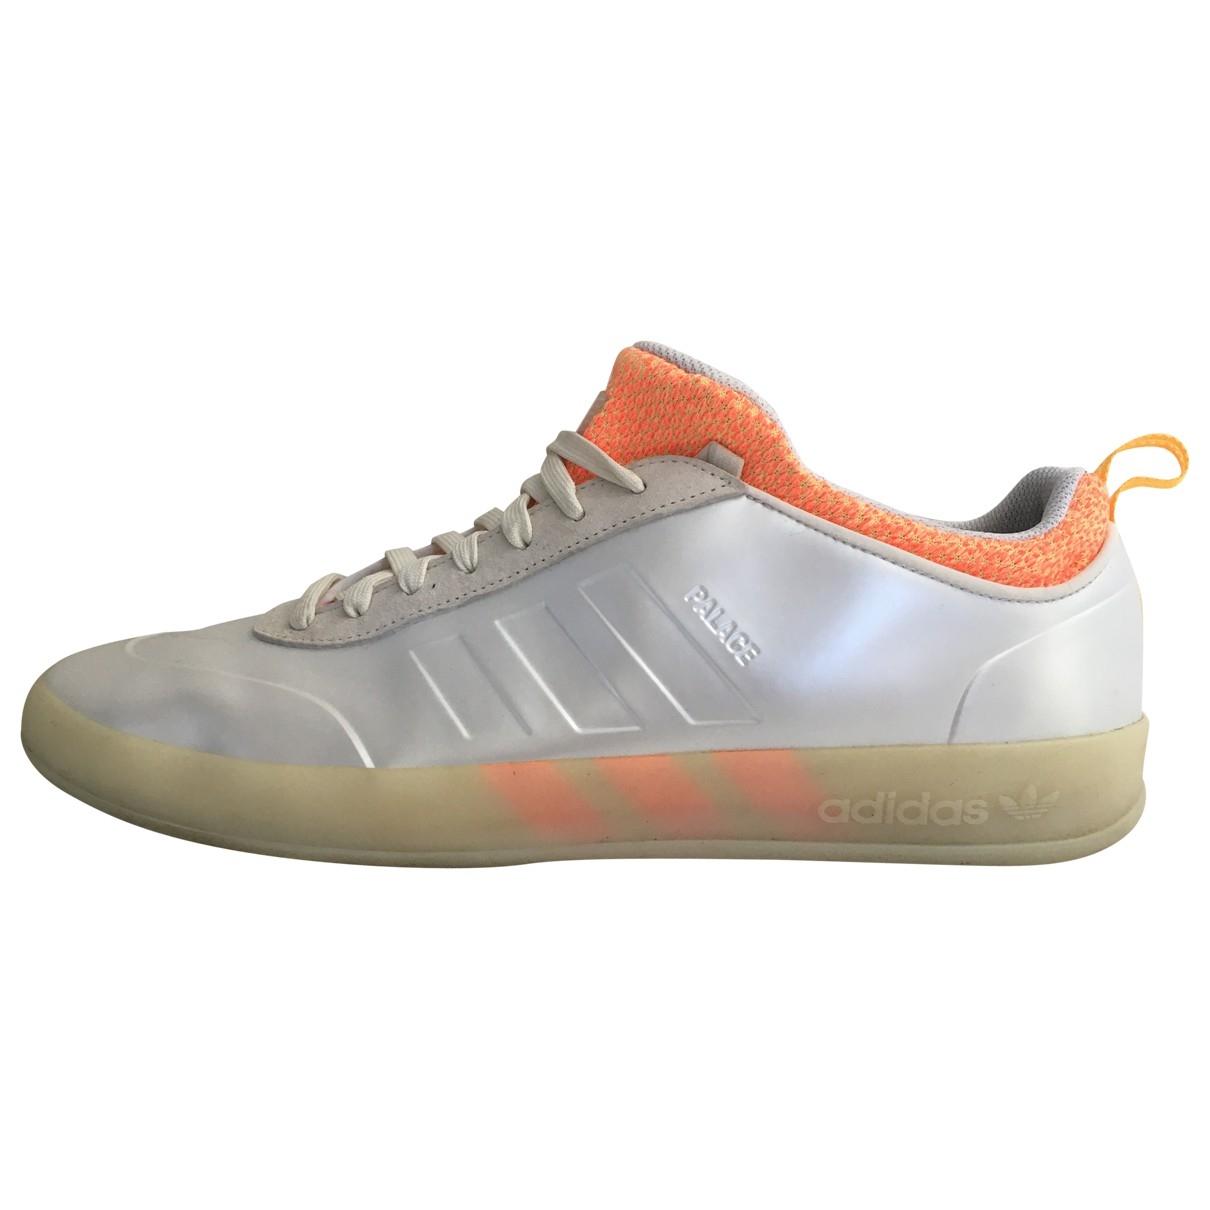 Palace X Adidas - Baskets   pour homme en cuir - ecru